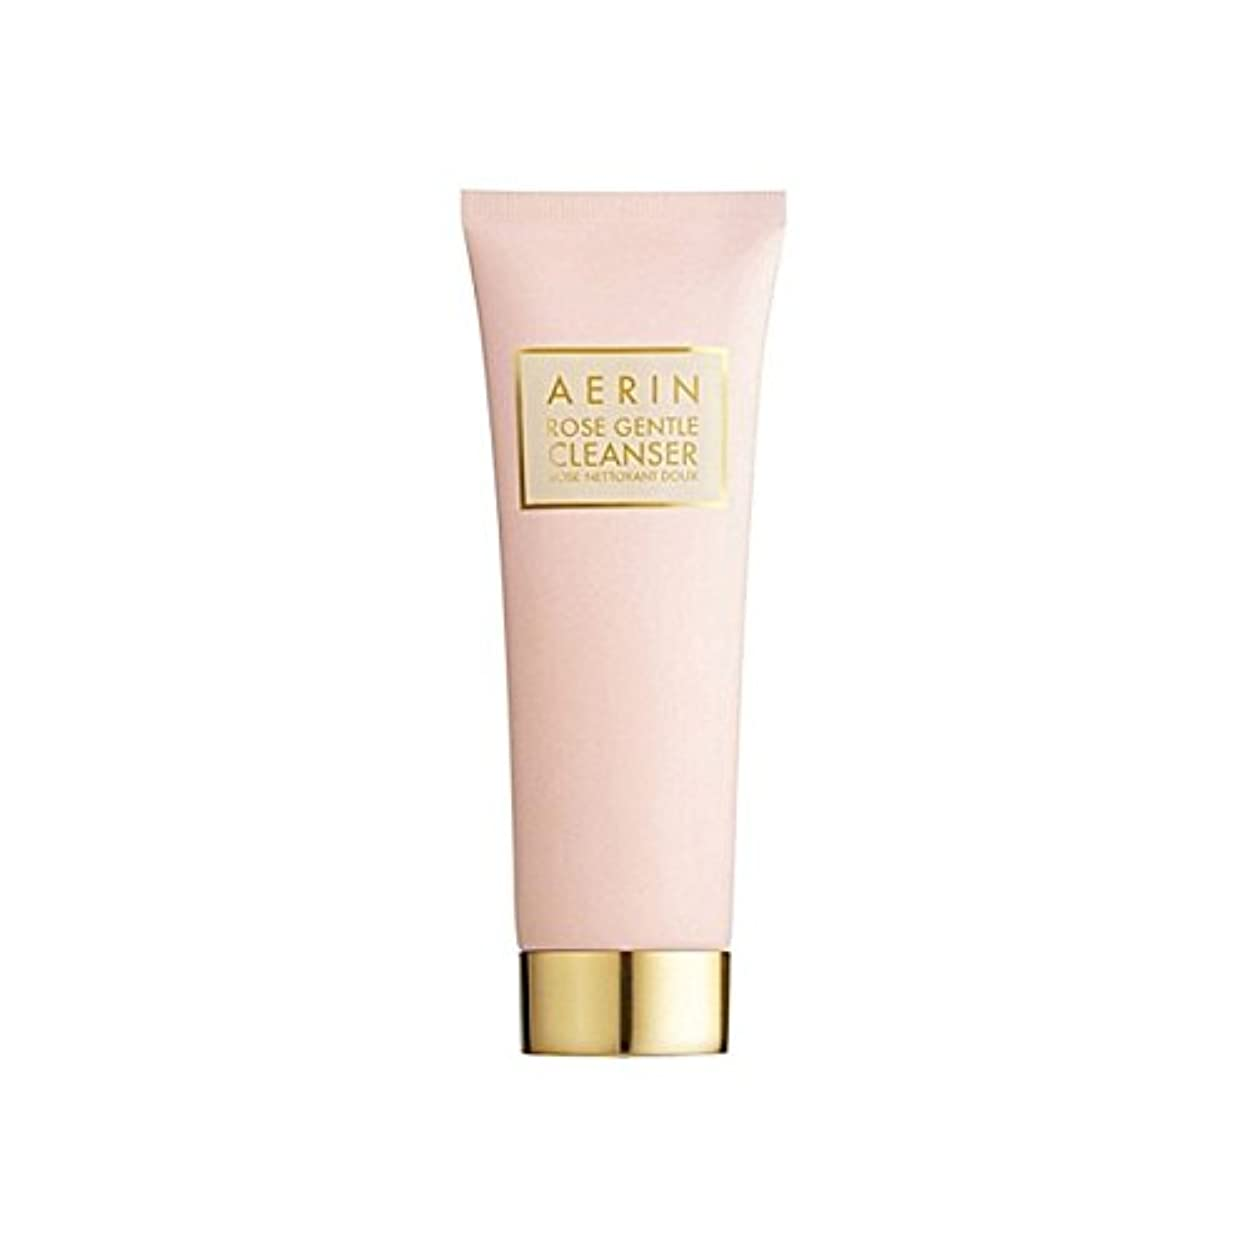 フライト検査利得Aerin Rose Gentle Cleanser 125ml - はジェントルクレンザーの125ミリリットルをバラ [並行輸入品]